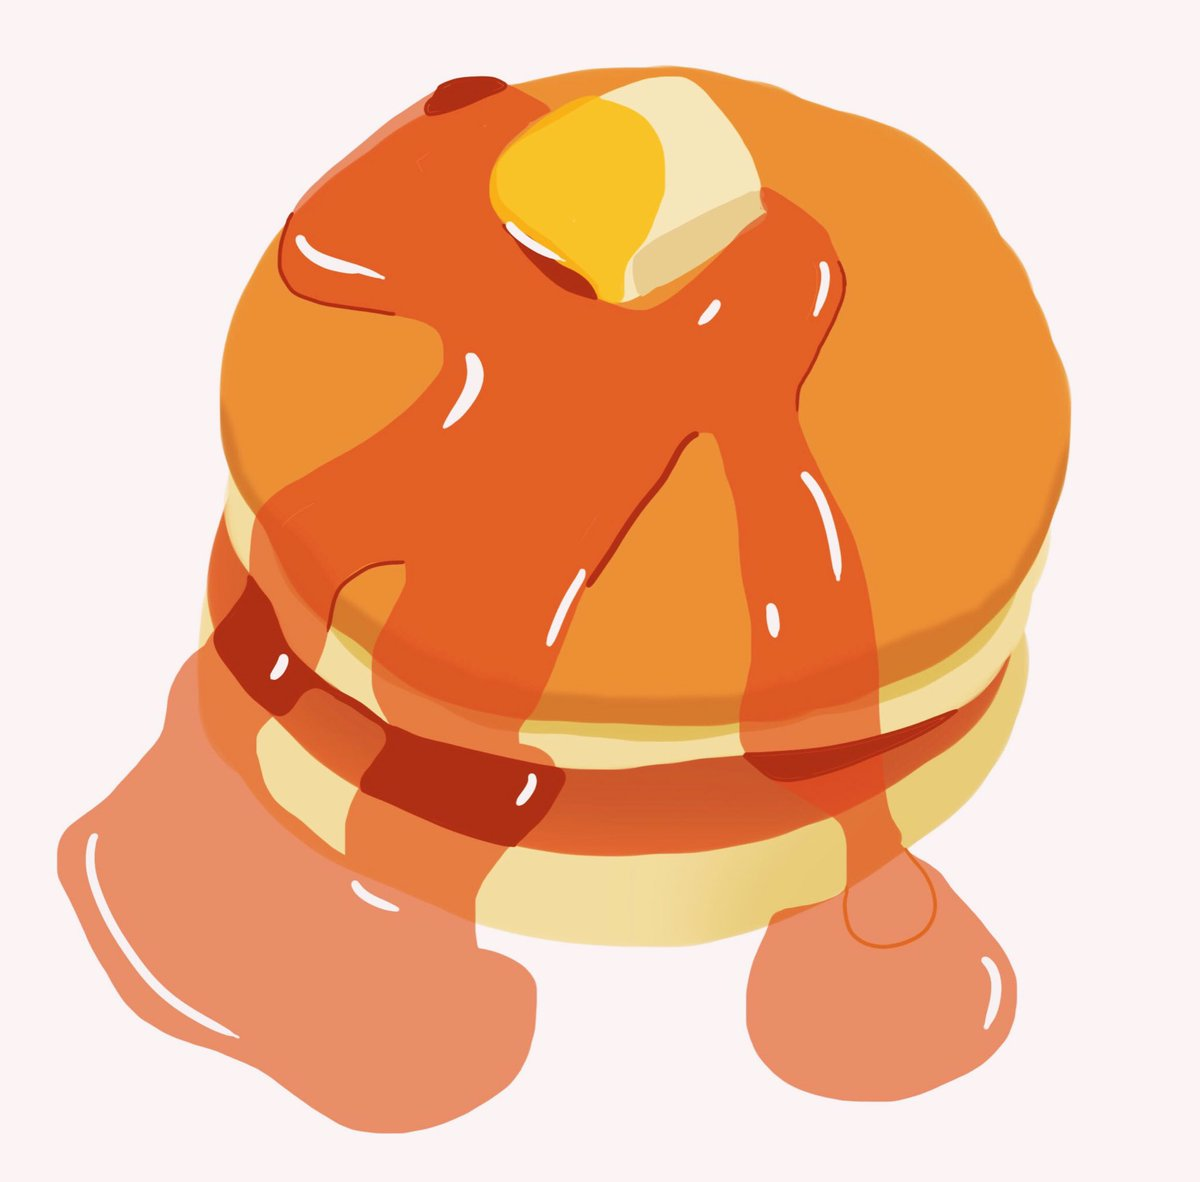 パンケーキを練習した🥞#イラスト #イラスト初心者 #アニメ好きと繋がりたい #イラスト好きな人と繋がりたい #漫画好きな人と繋がりたい #パンケーキ #食べたい #落書き #food #sweets #dessert #illustration #illust #draw #pixiv #drawing #pixelart #doodle #pancake #絵 #みかじ絵